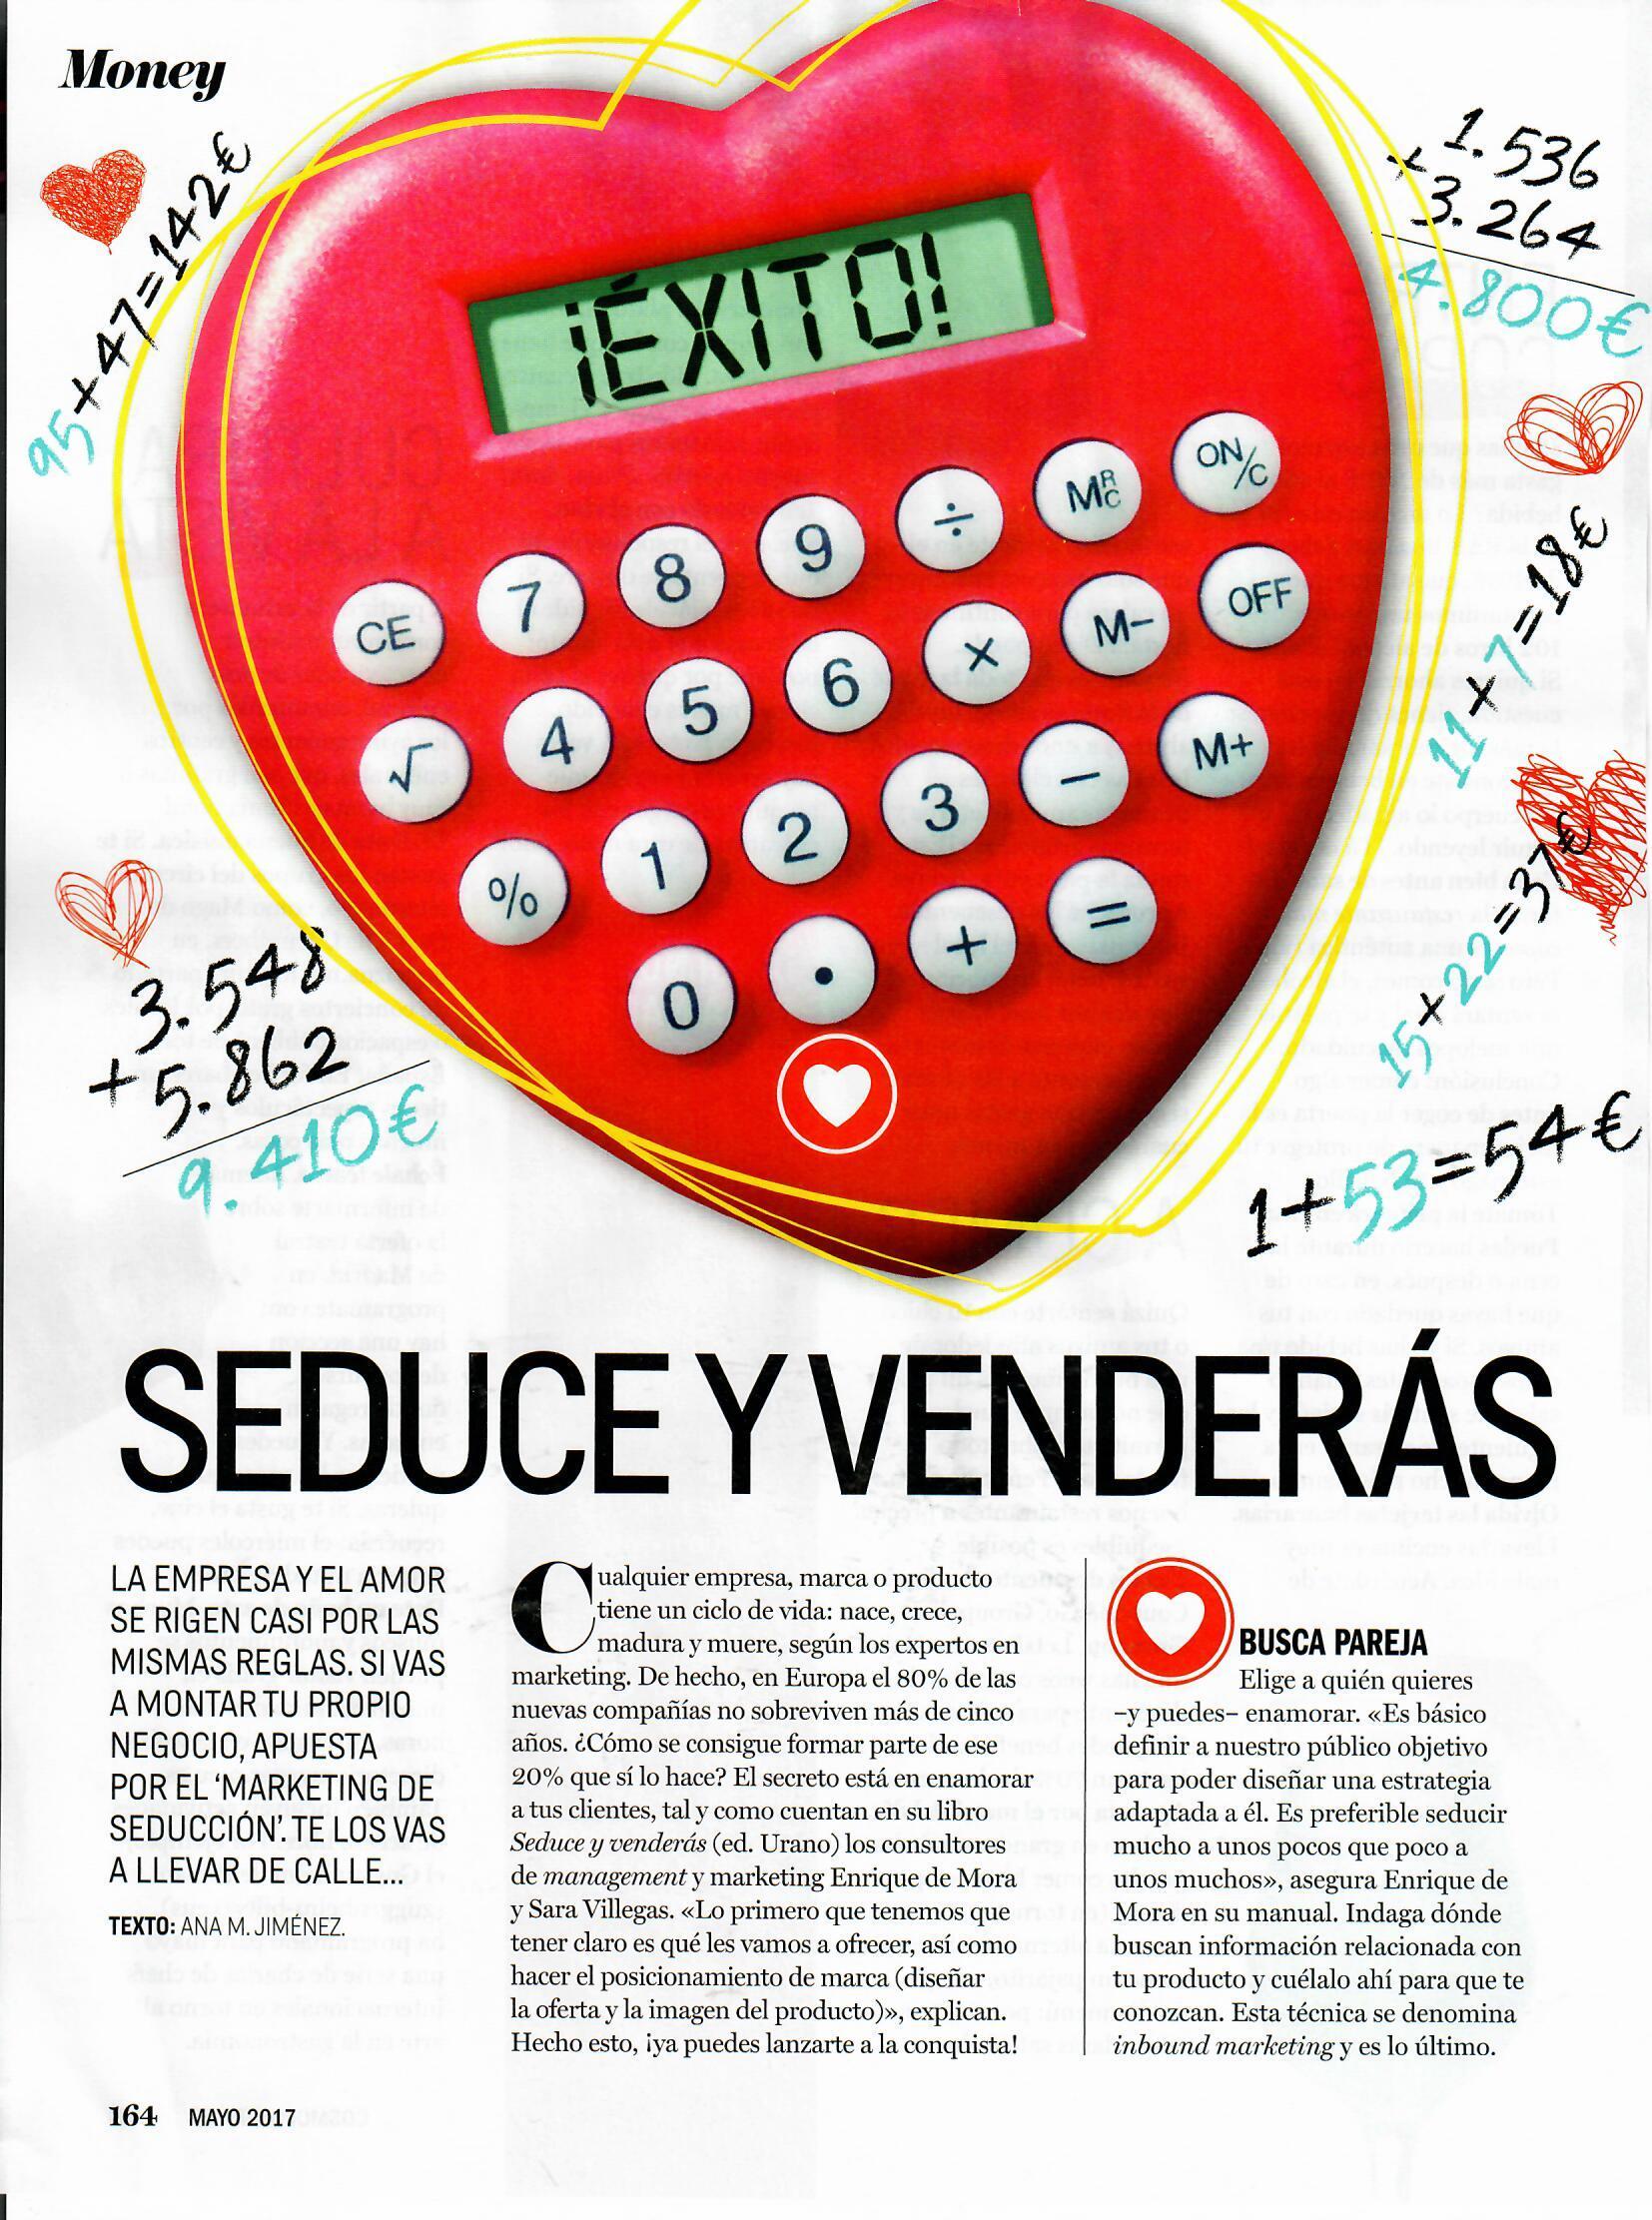 Enrique de Mora_2017.05.00_Cosmopolitan_pg164